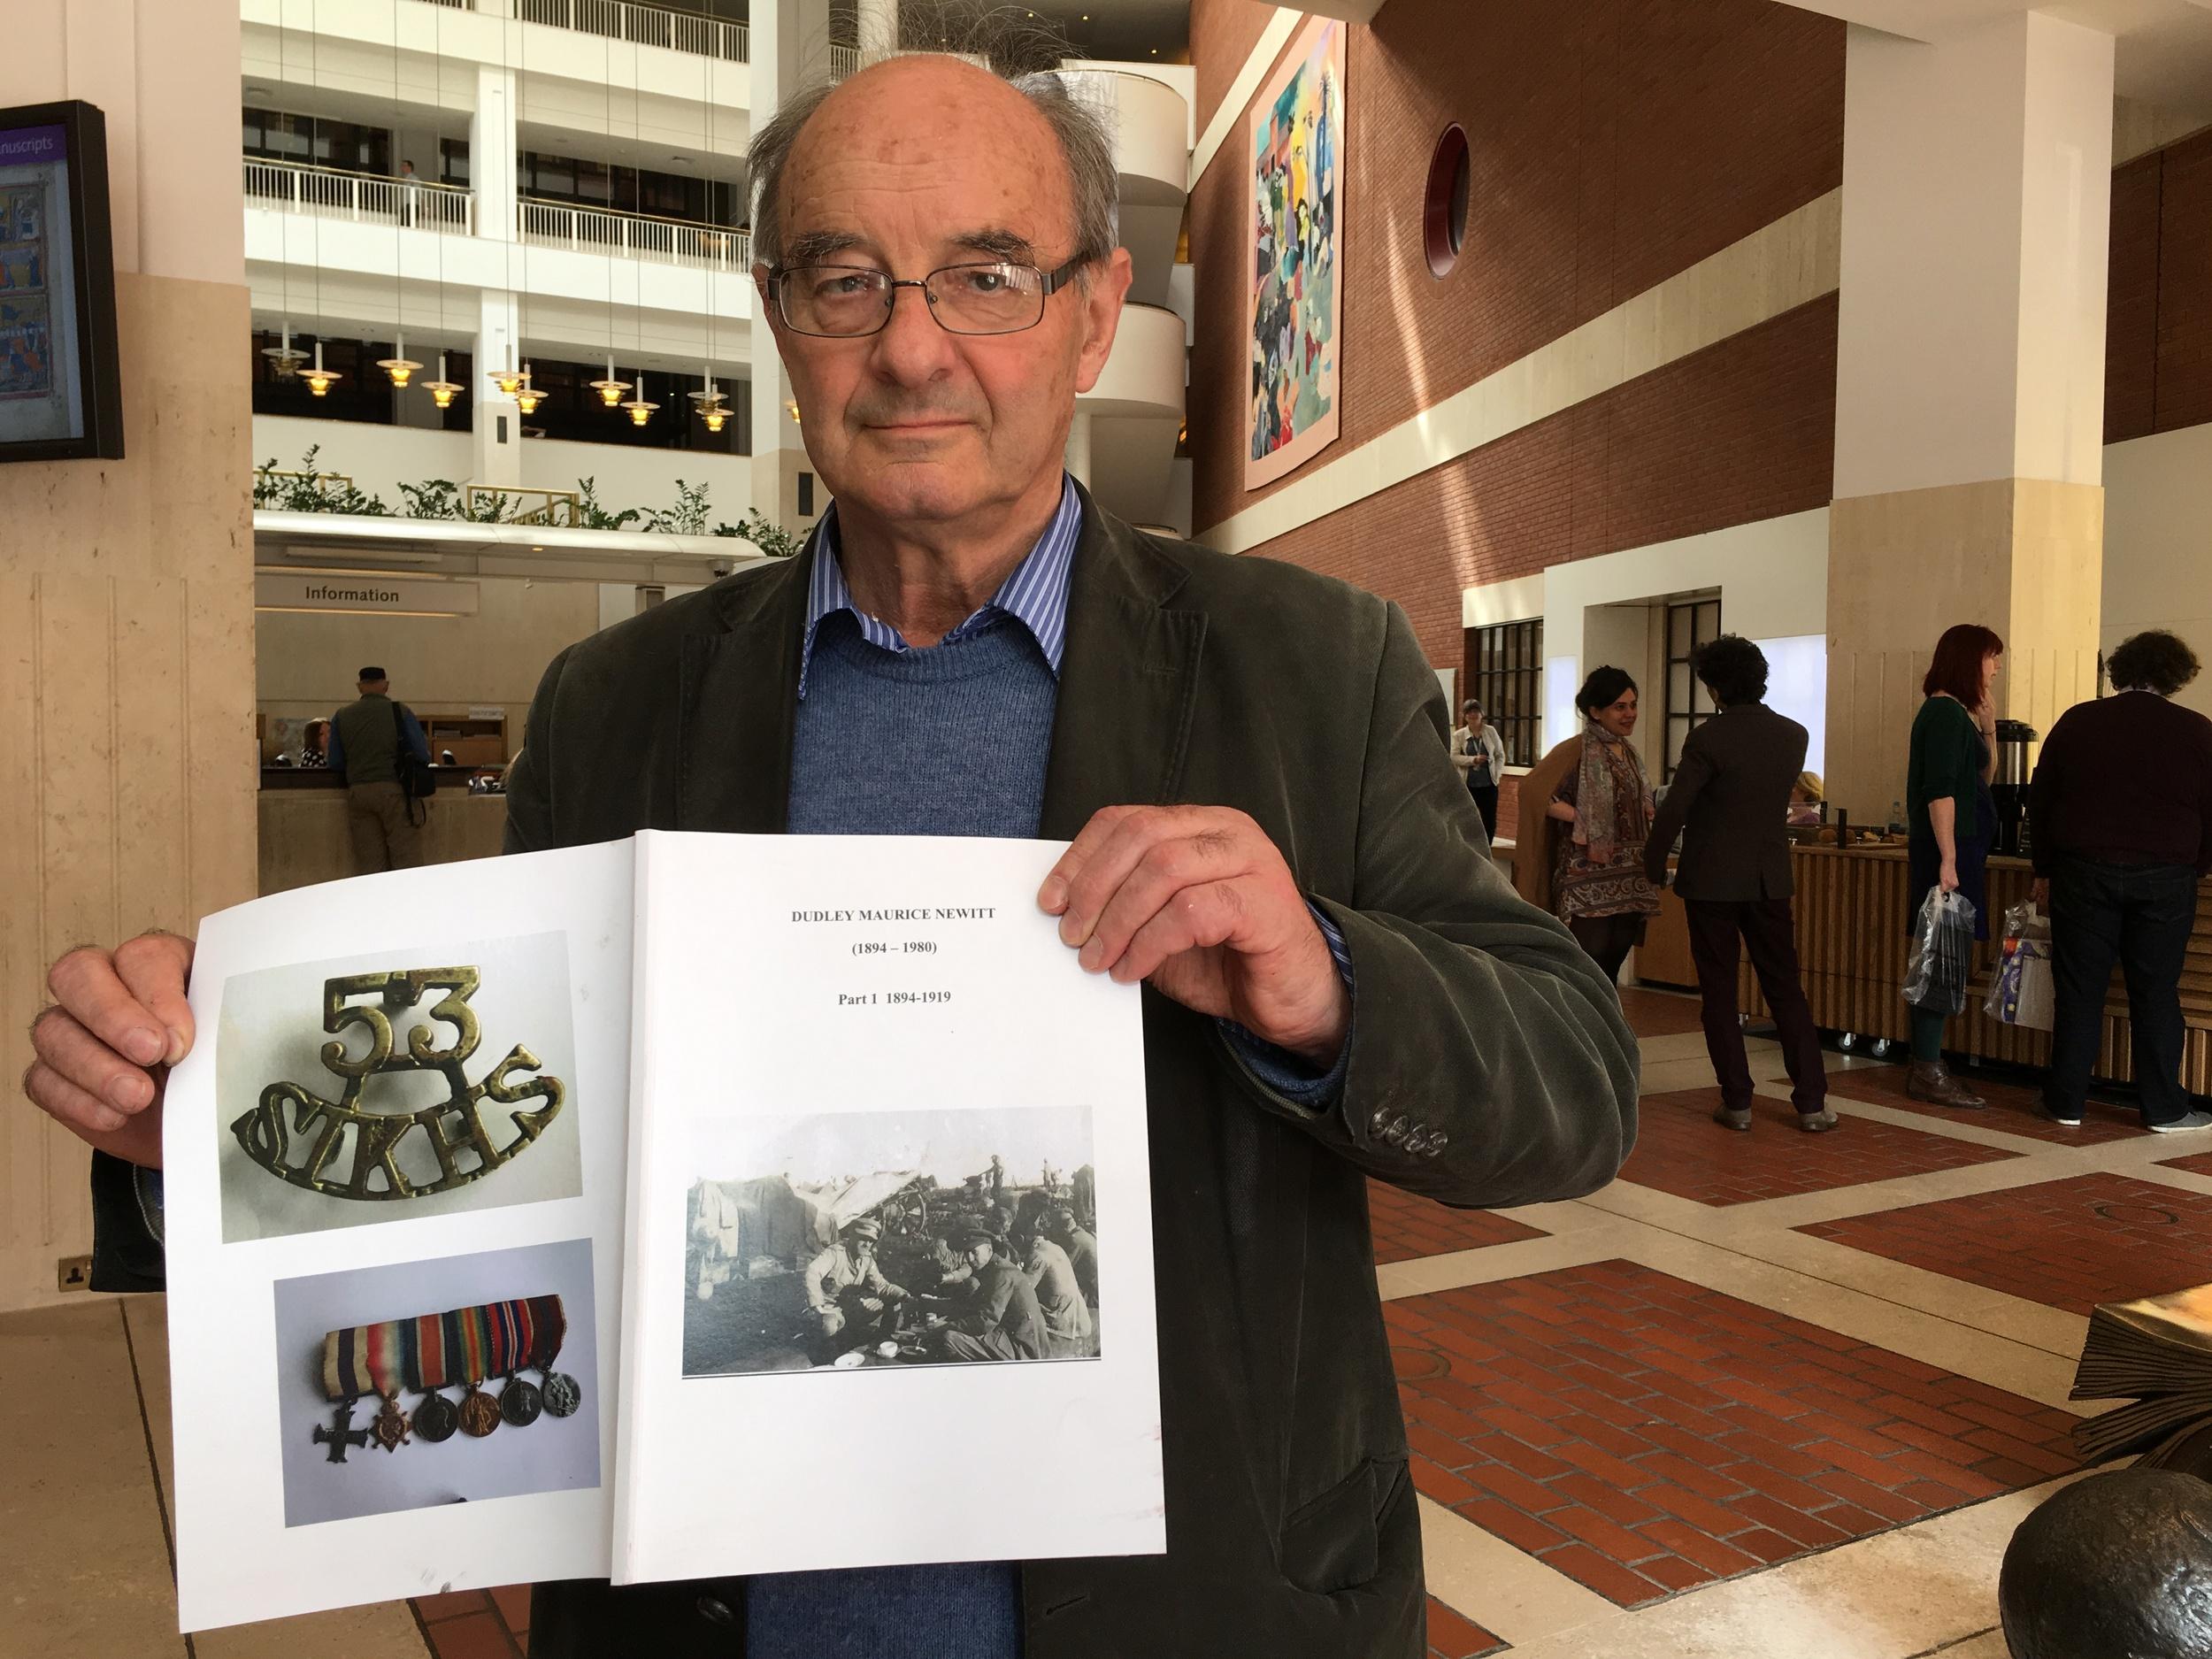 Citizen Historian Malyn Newitt